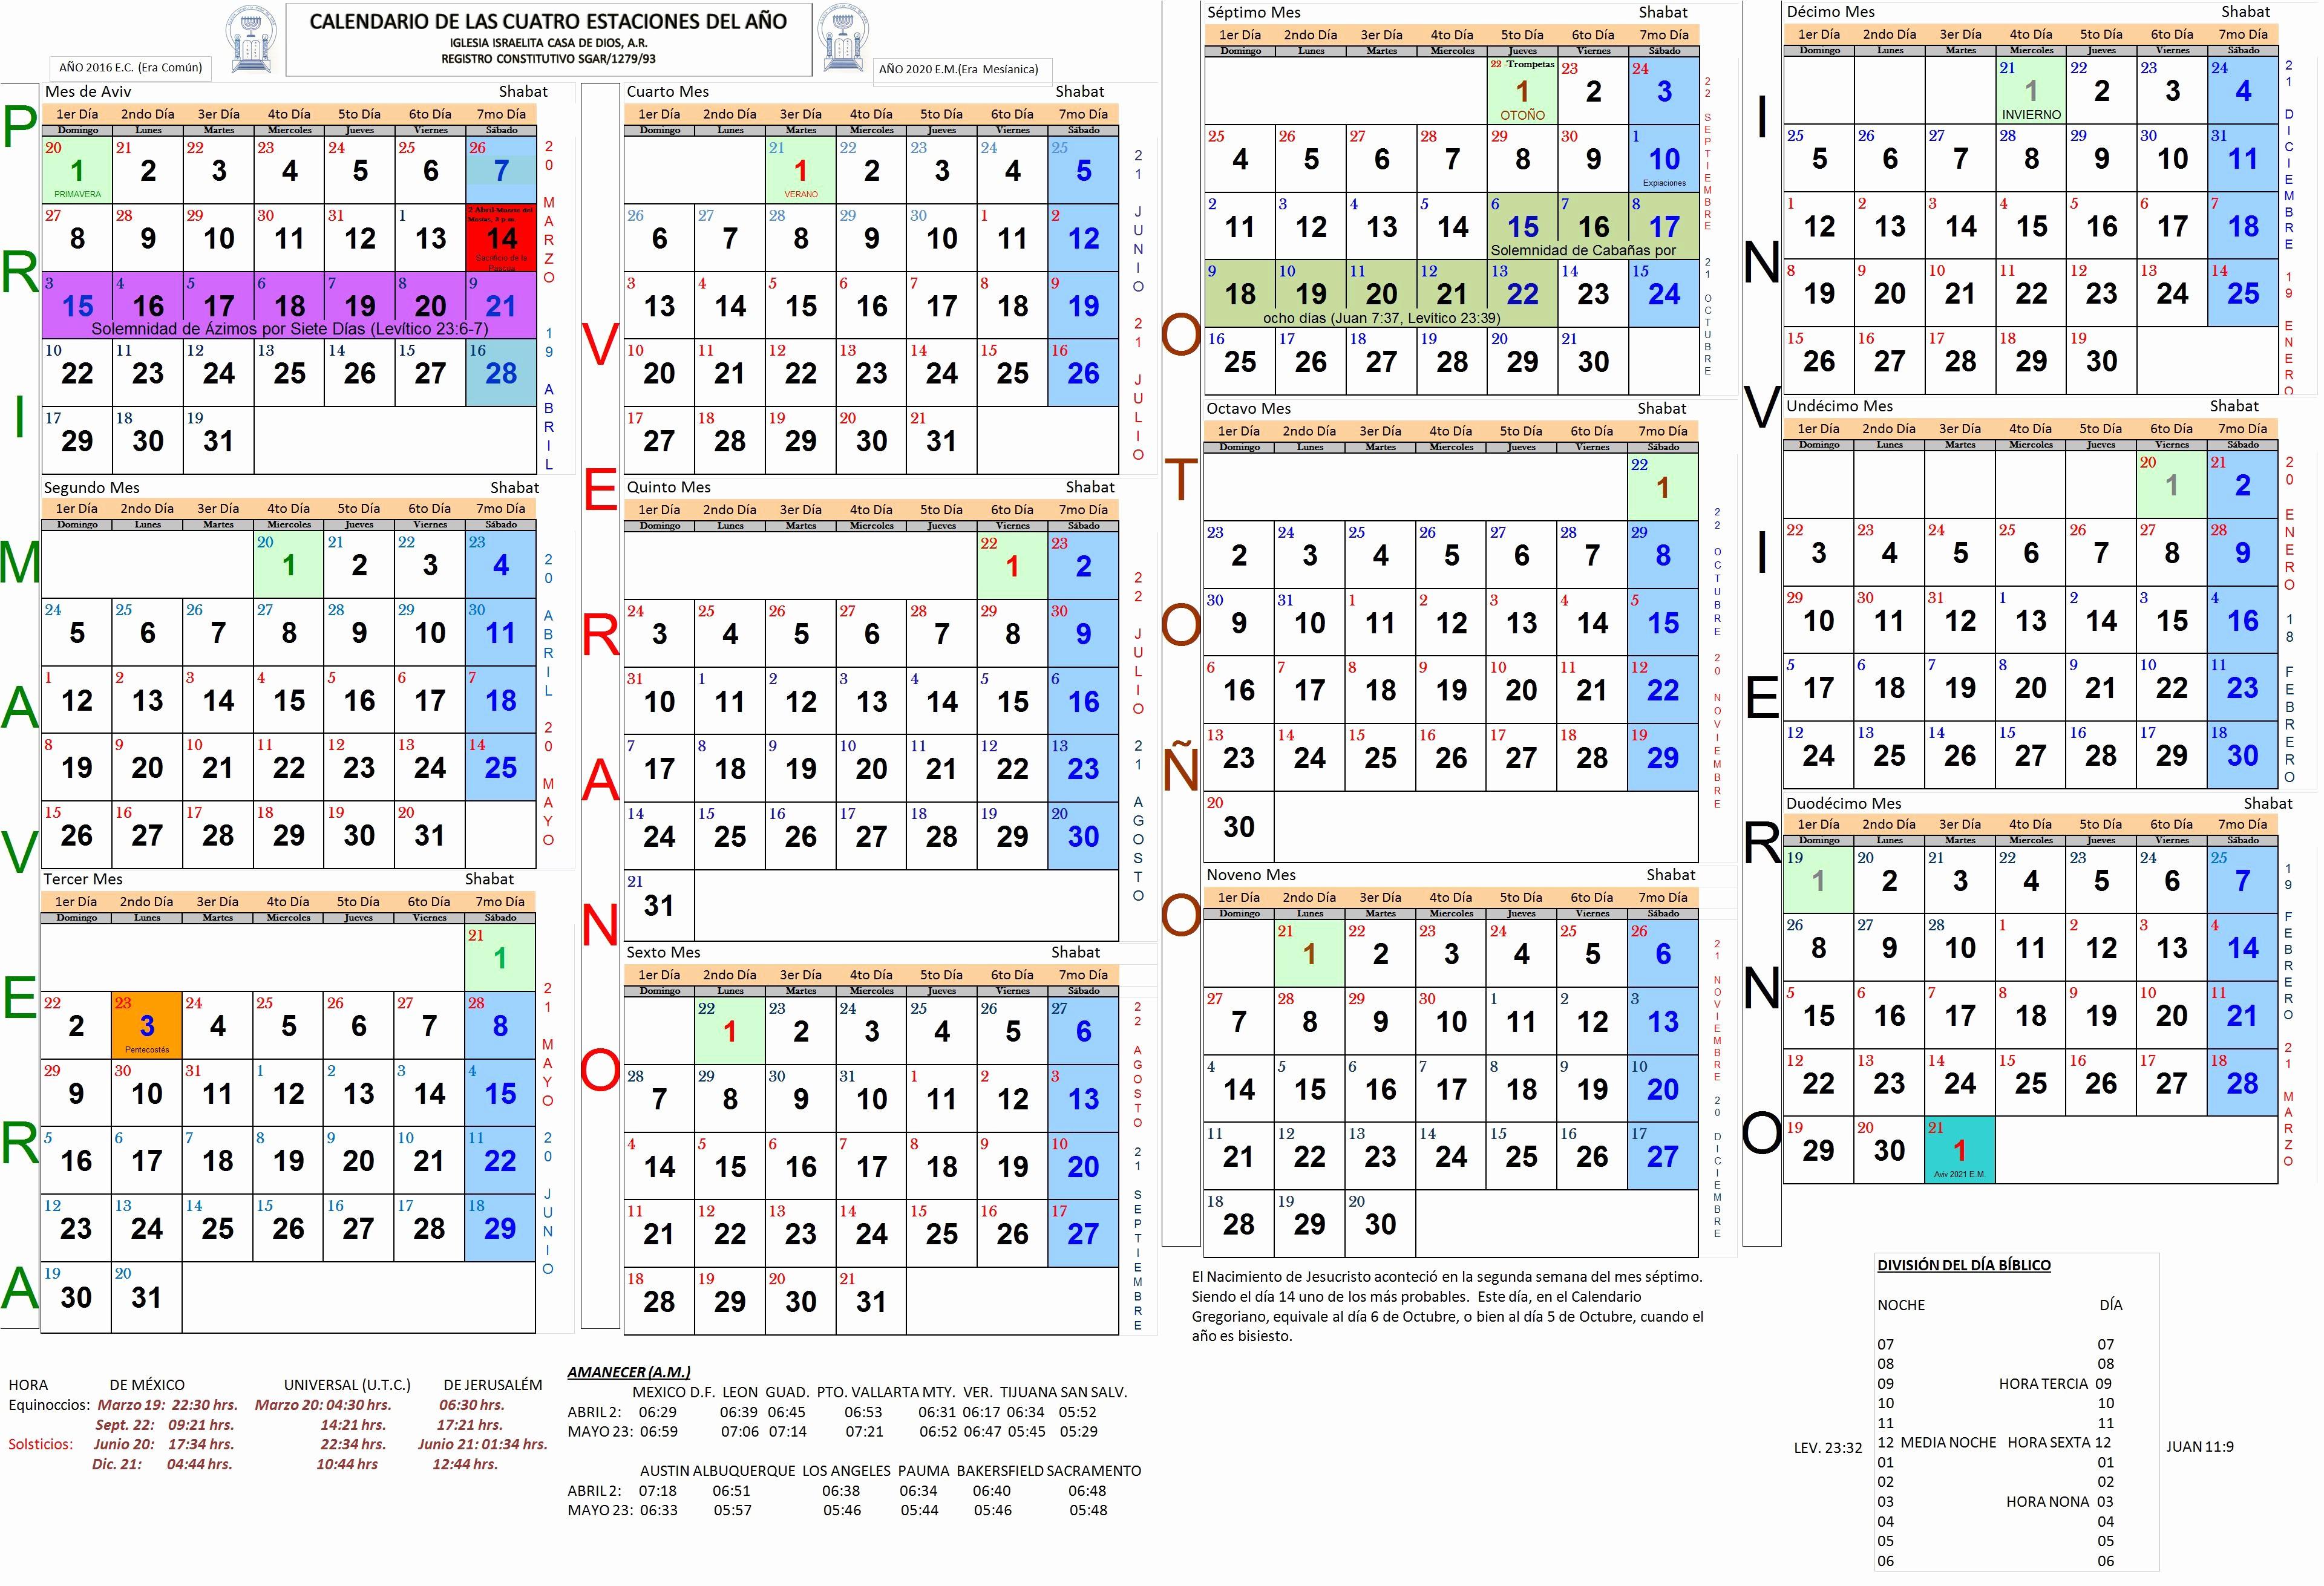 Calendario Abril 2019 Con Festivos Más Arriba-a-fecha Calendario 2019 Pascua Calendario Laboral 2019 Festivos Y Puentes En